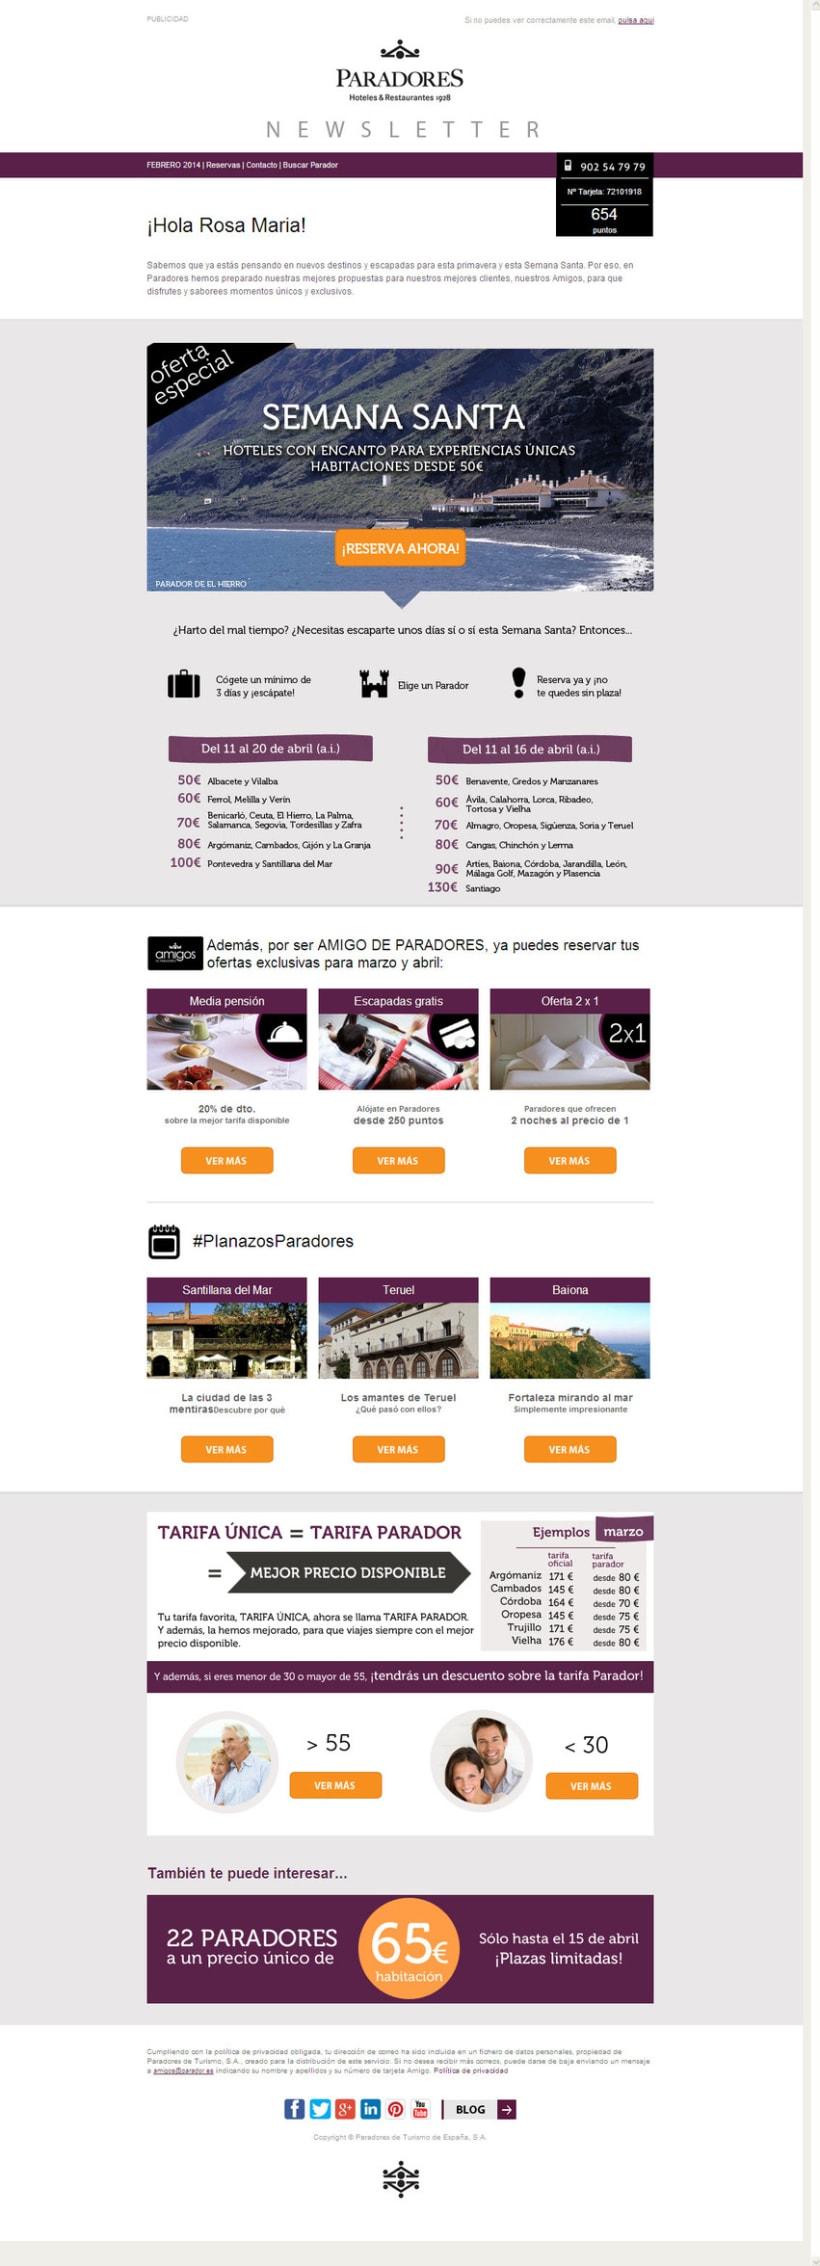 Newsletter a cliente fidelizado - Diseño y maquetación HTML -1